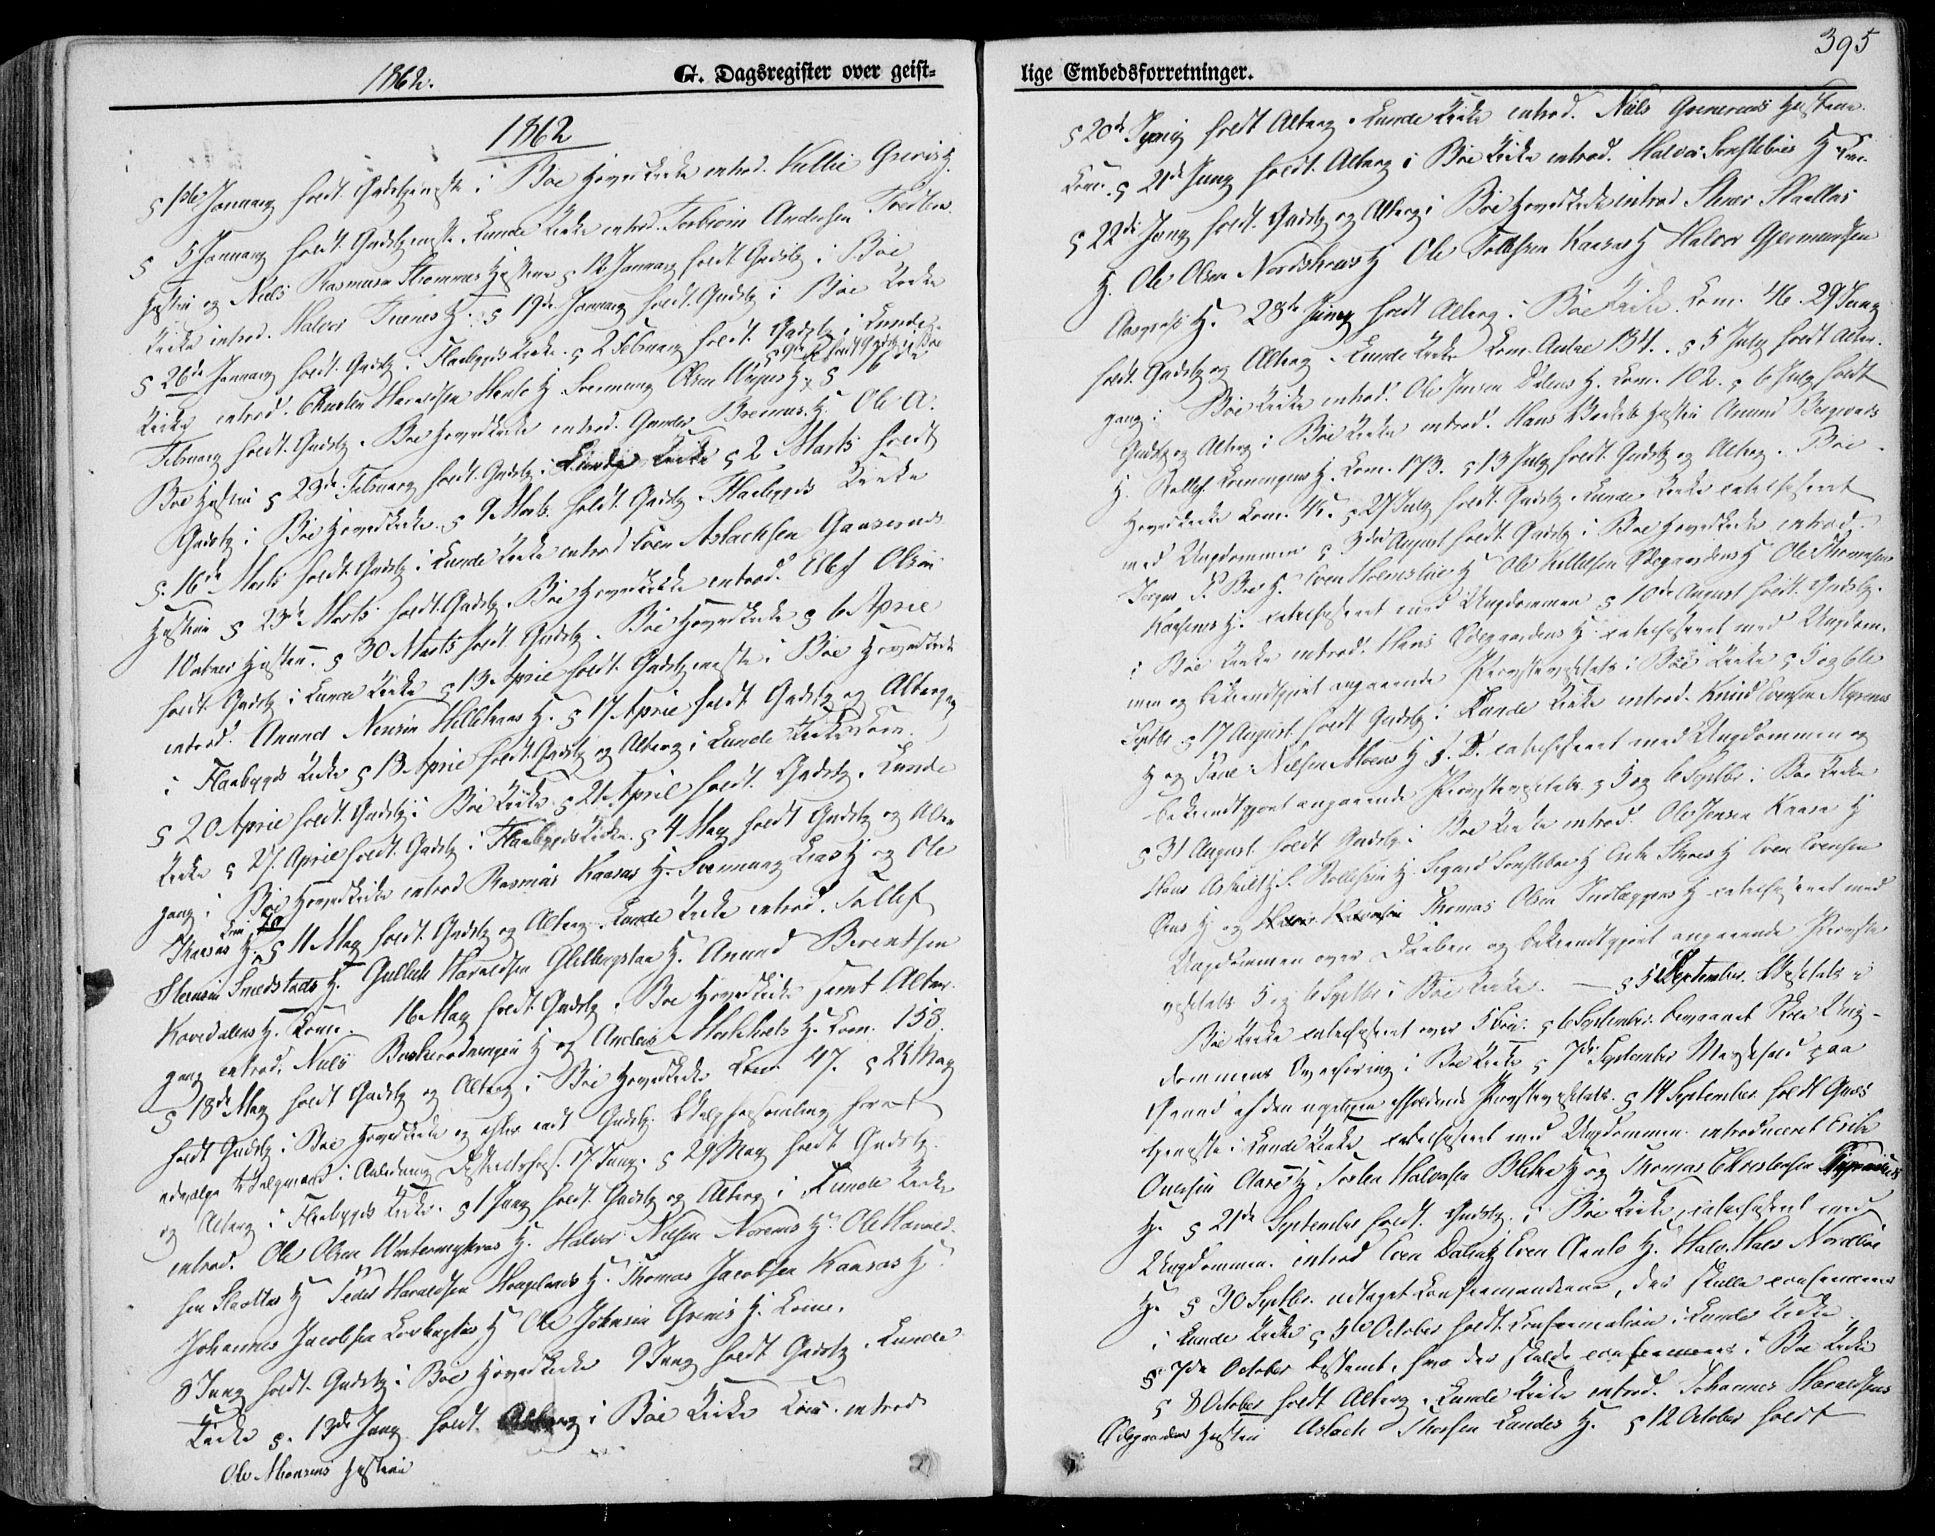 SAKO, Bø kirkebøker, F/Fa/L0009: Ministerialbok nr. 9, 1862-1879, s. 395